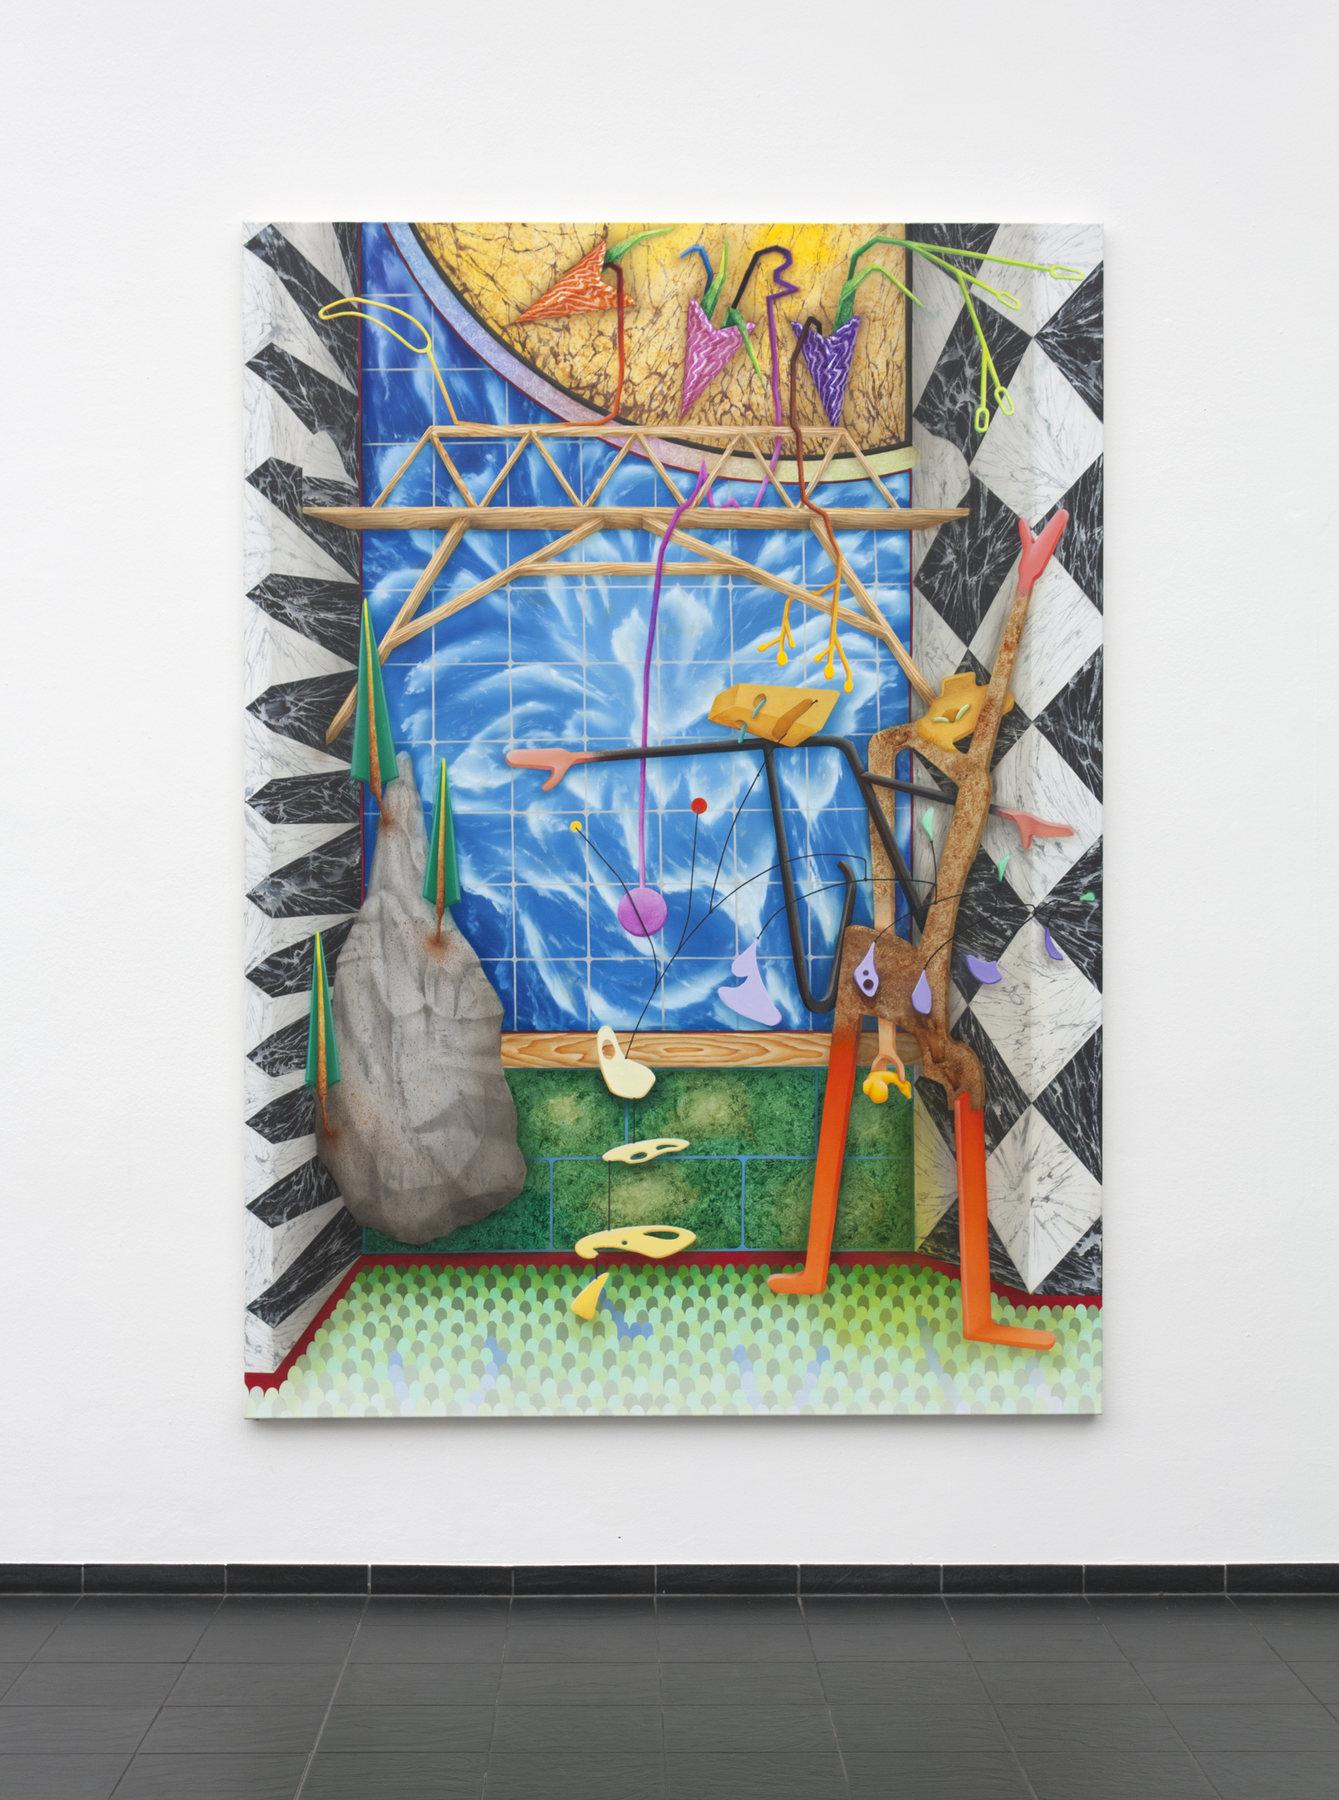 David Czupryn At Kunsthalle Darmstadt Art Viewer